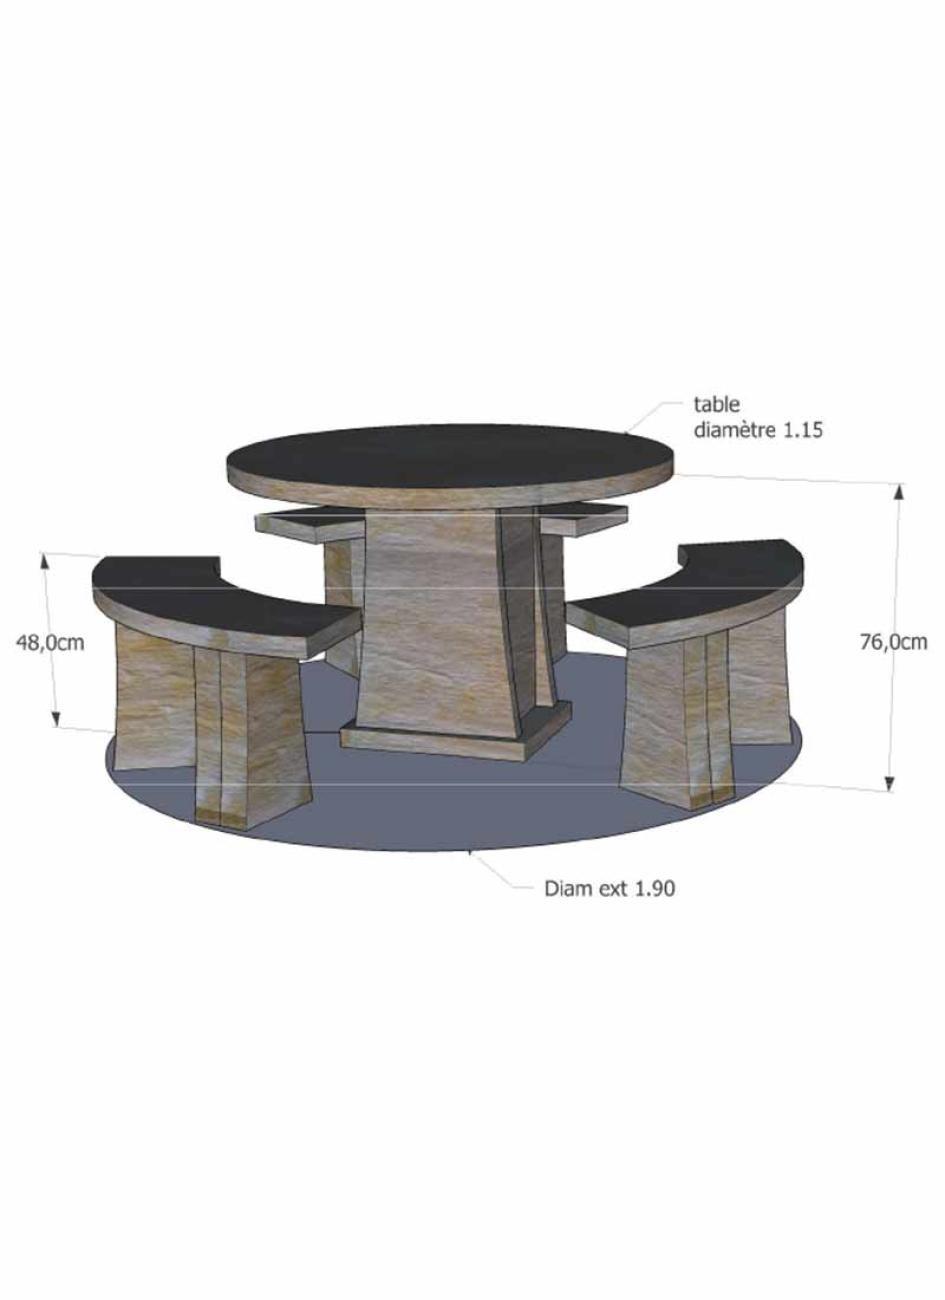 Salon de jardin en pierre reconstitu e tables et bancs en pierre - Table de jardin en pierre ...